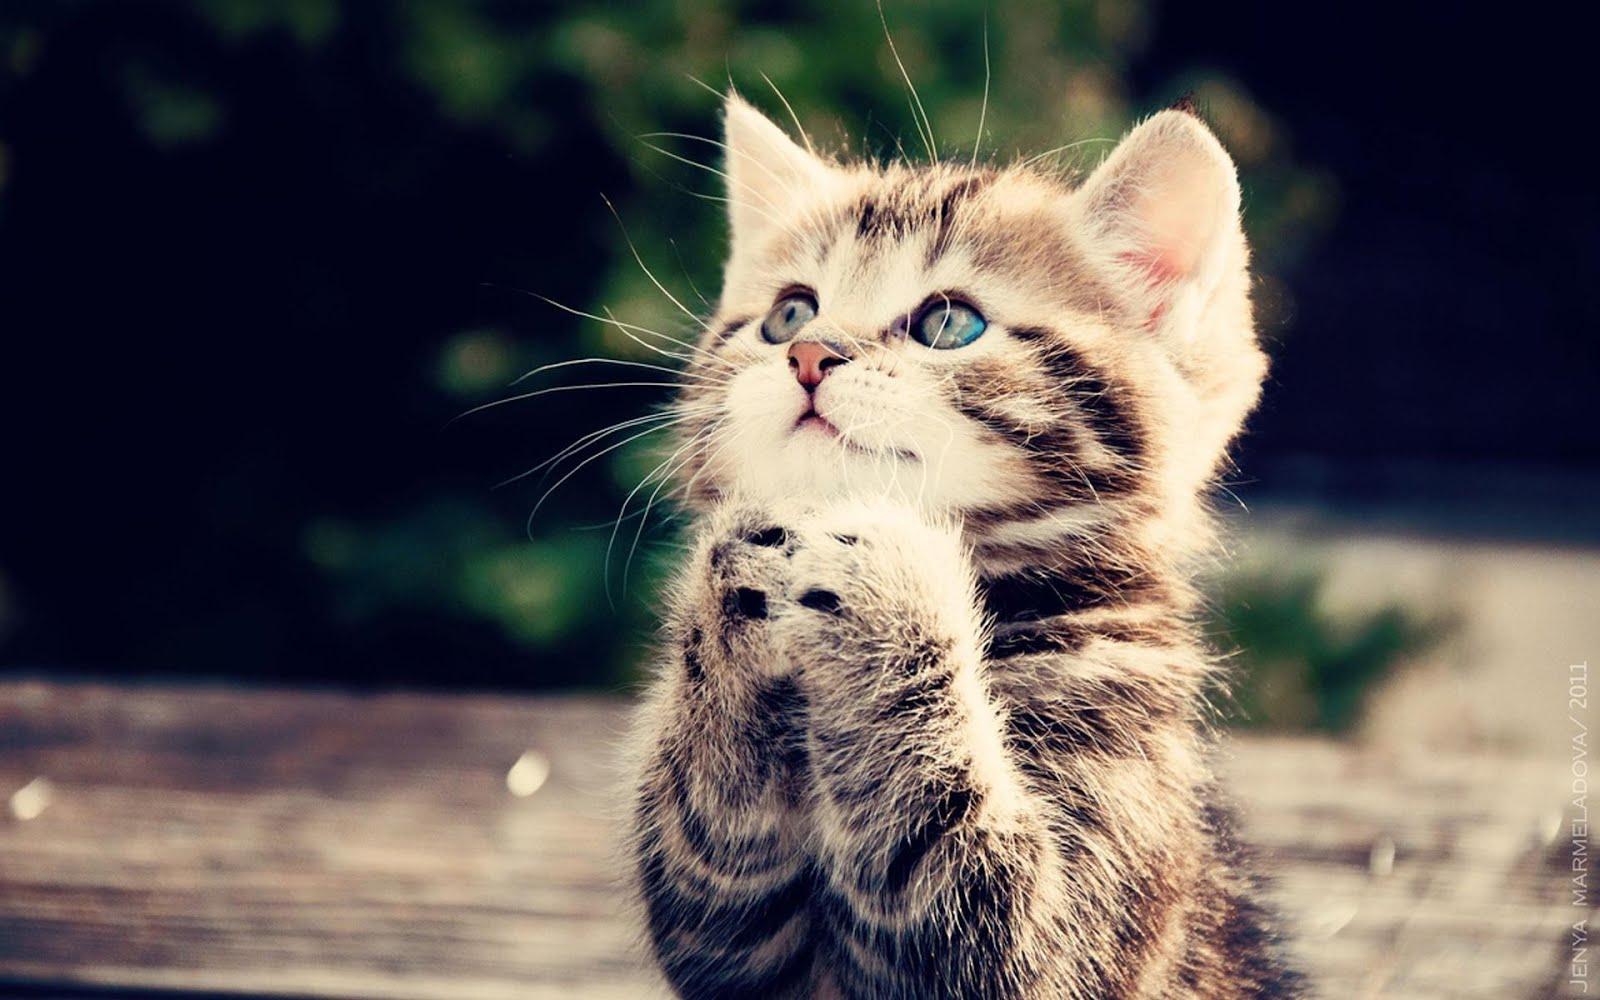 Gambar Kucing Lucu berdo'a